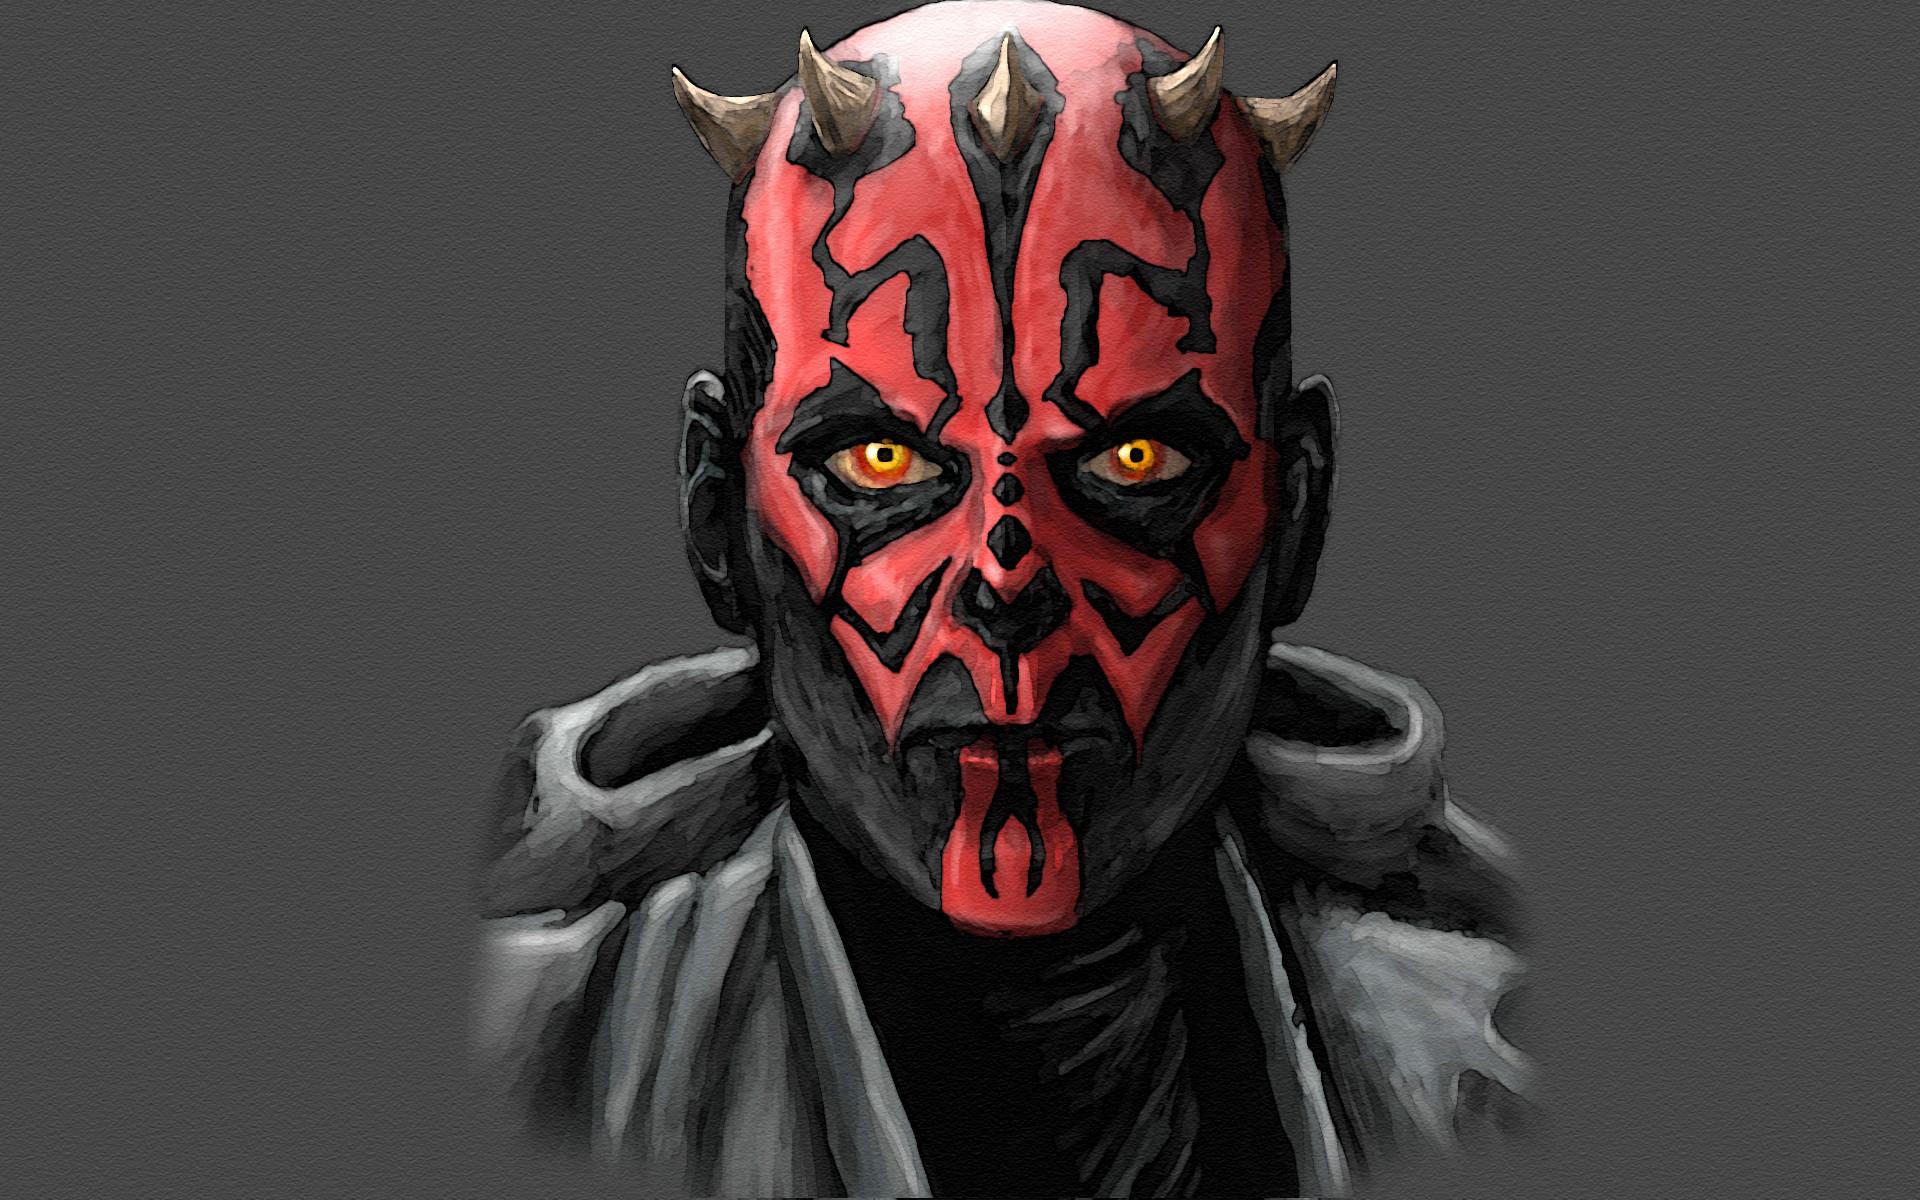 Star wars, star wars, the sith, darth maul, darth maul, the